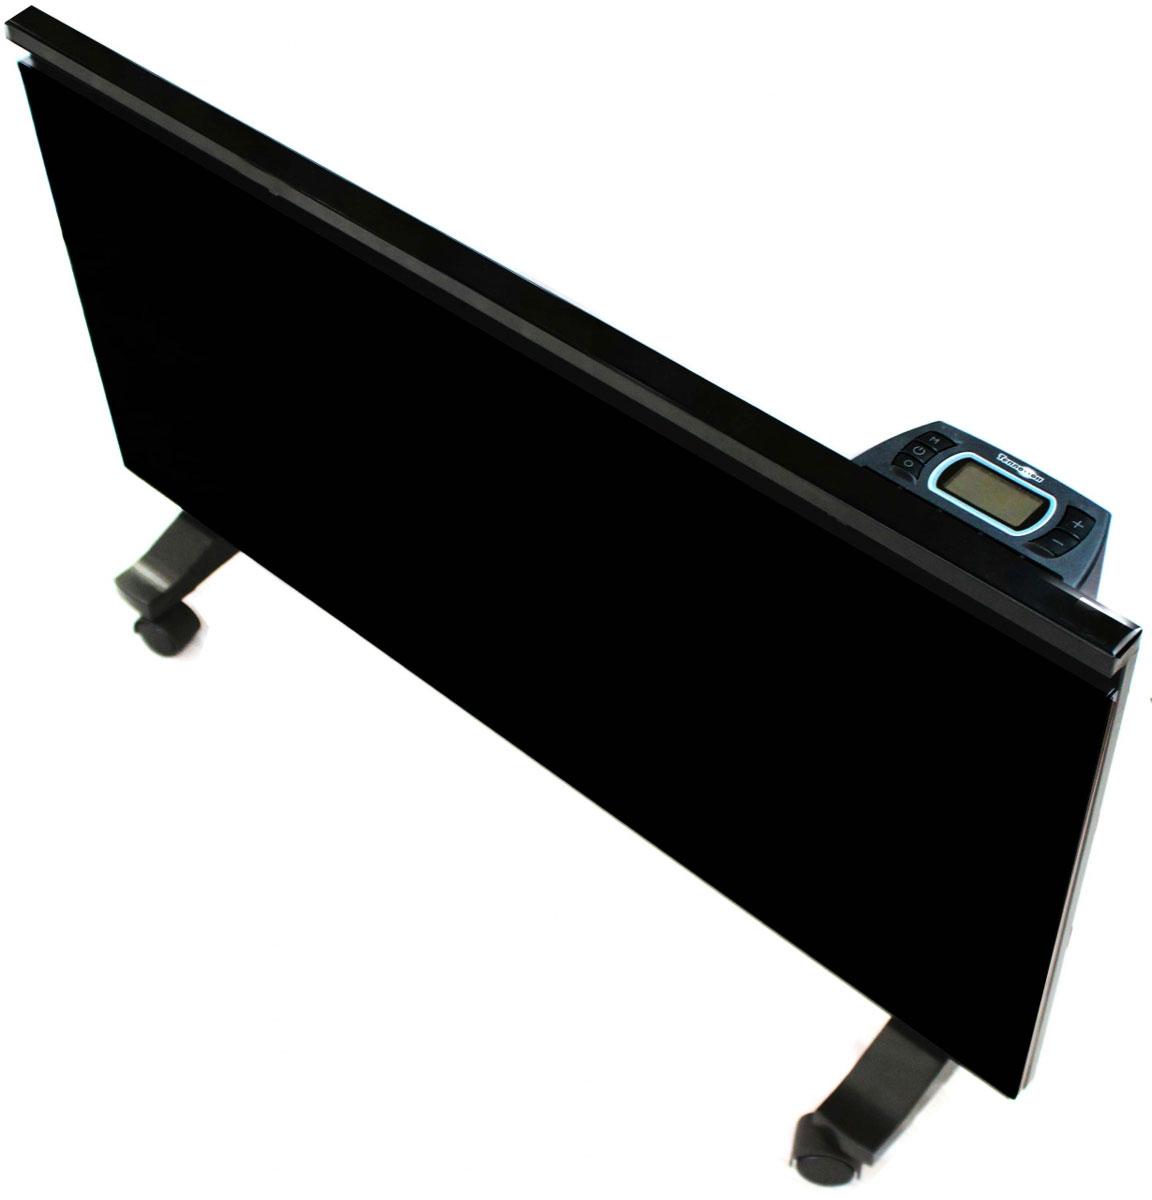 Теплофон Binar-1500, Black электрообогреватель1600000360488Обогреватель Теплофон Binar-1500 является новейшей разработкой российского производителя теплового оборудования. В инновационной разработке российского производителя совмещены два типа обогрева: конвекционный и инфракрасный.После включения комбинированного обогревателя Binar, на первом этапе, прогрев помещения происходит с помощью функции конвекционного обогрева, обеспечивающей быстрый прогрев воздушной массы в помещении. После выхода на заданную встроенным микропроцессорным терморегулятором температуру, происходит отключение энергопрожорливого конвекционного ТЭНа и включается экономичный инфракрасный ТЭН, представляющий собой переднюю стеклянную поверхность обогревателя, нагревающуюся до температуры 90°СВ результате такого инновационного подхода дальнейший догрев и подогрев помещения осуществляется с помощью энергосберегающей технологии инфракрасного обогрева. В то же время за счет конвекционного тэна происходит быстрый прогрев воздуха в помещении.Производителем предусмотрен вариант настенного крепления, с помощью настенного кронштейна, идущего в комплекте с обогревателем. Для использования в качестве напольного обогревателя, необходимо использовать ролики, которыми также комплектуется данная модель инфракрасного обогревателя.